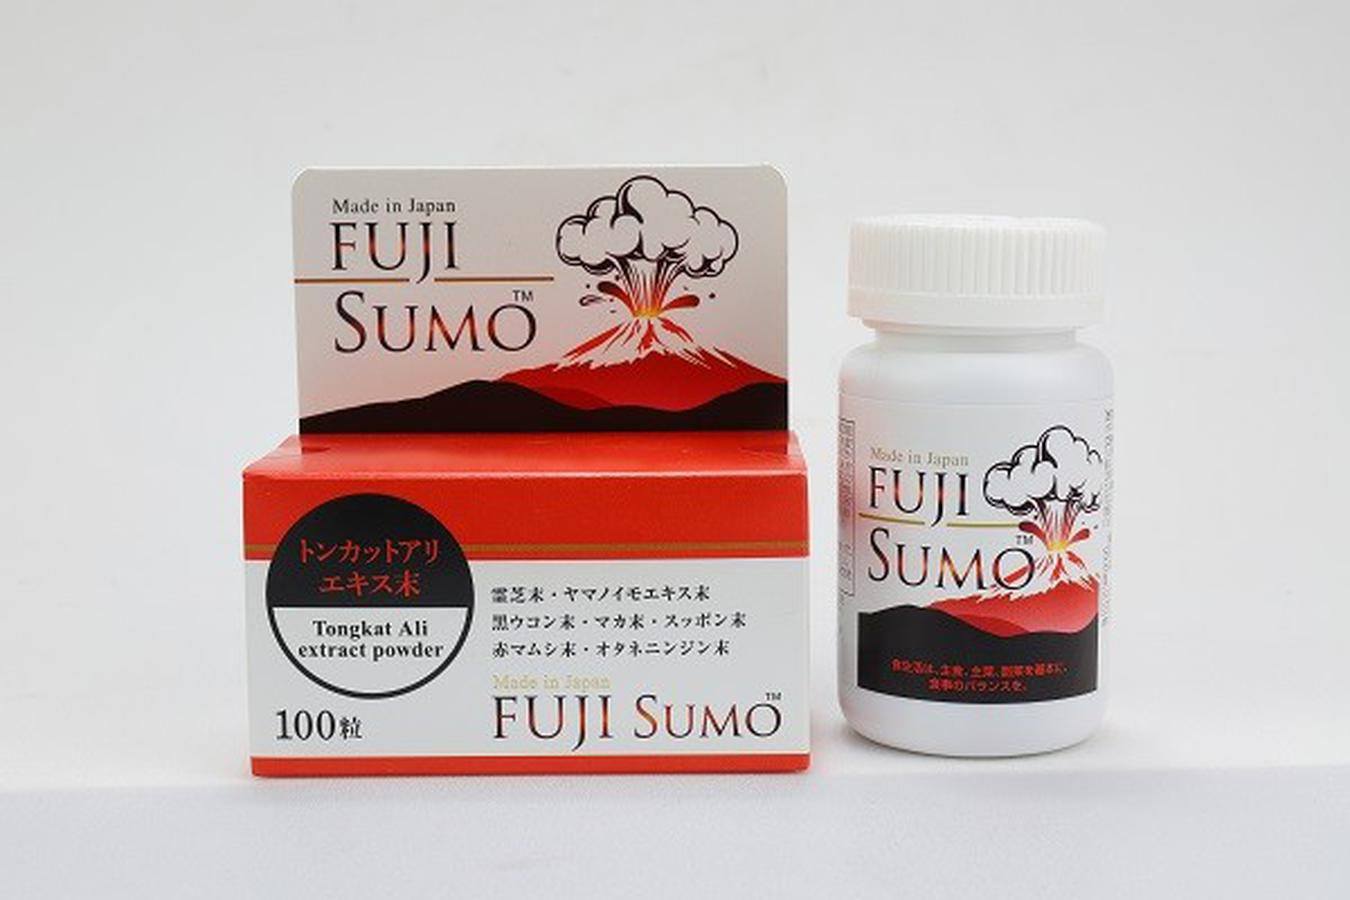 viên uống tăng cường sinh lý nam giới Fuji Sumo